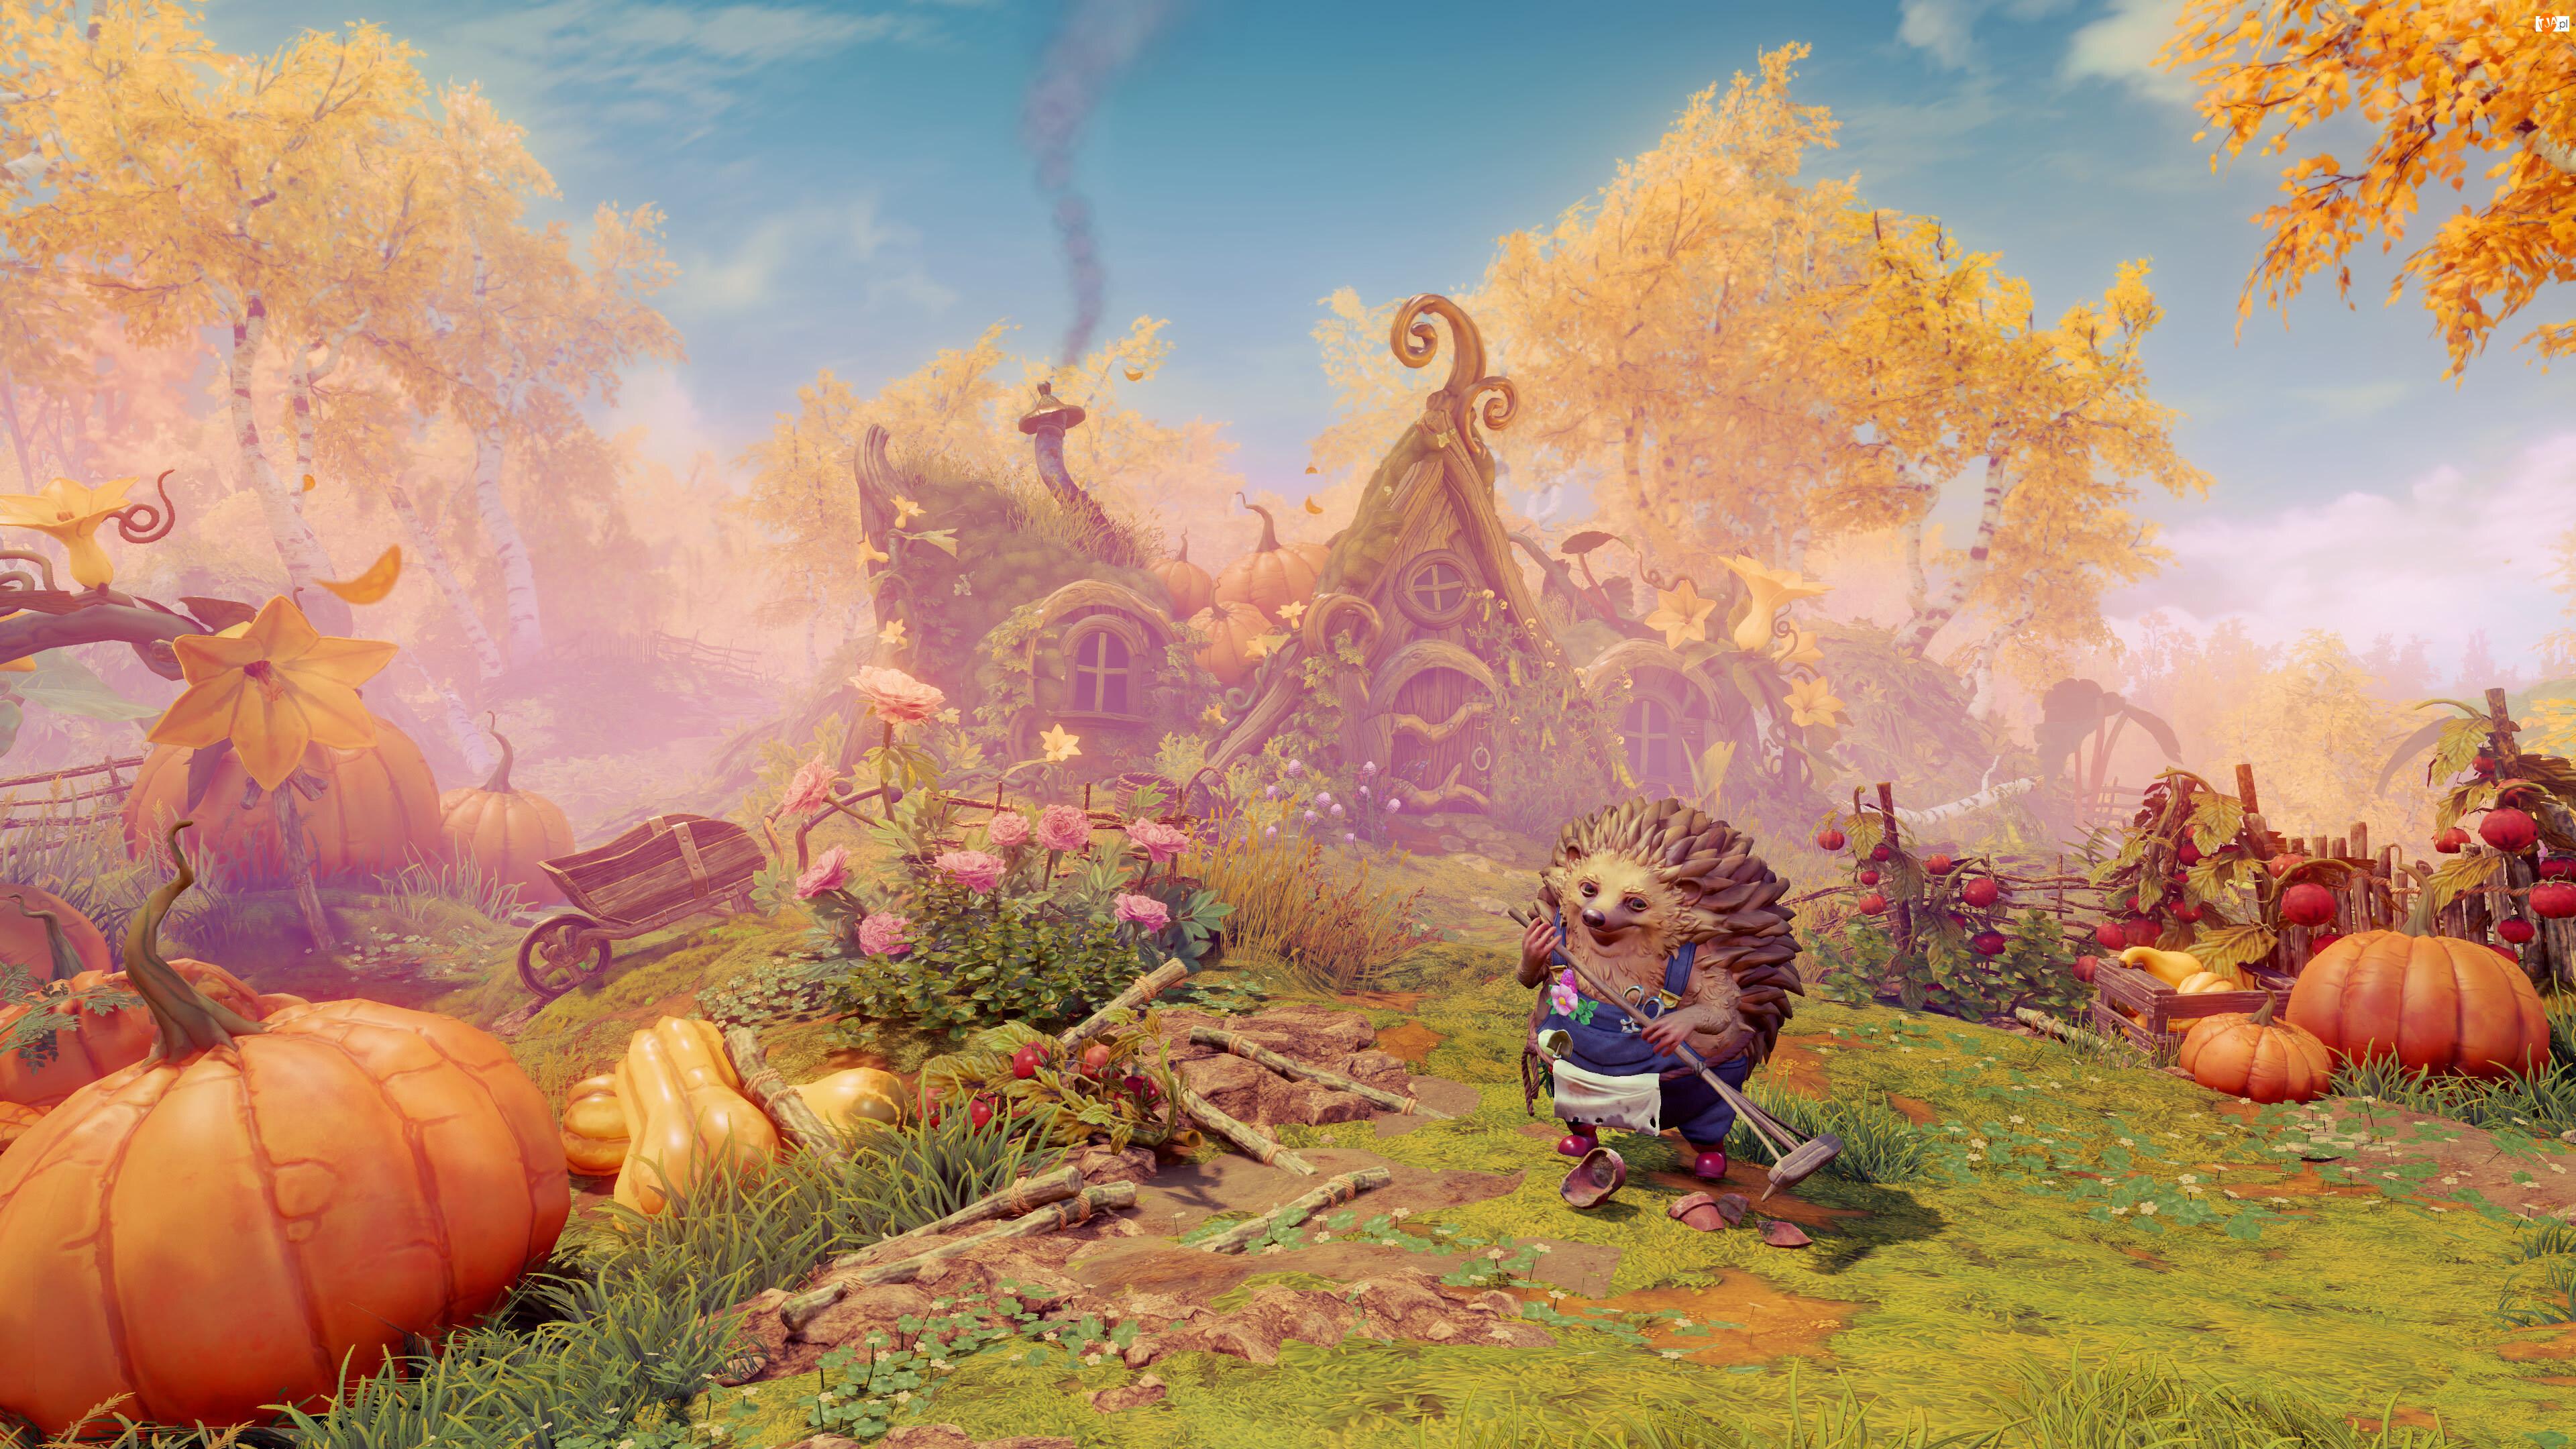 Dynie, Gra, Jeż, Kwiaty, Trine 4 The Nightmare Prince, Ogrodnik, Domek, Ogród